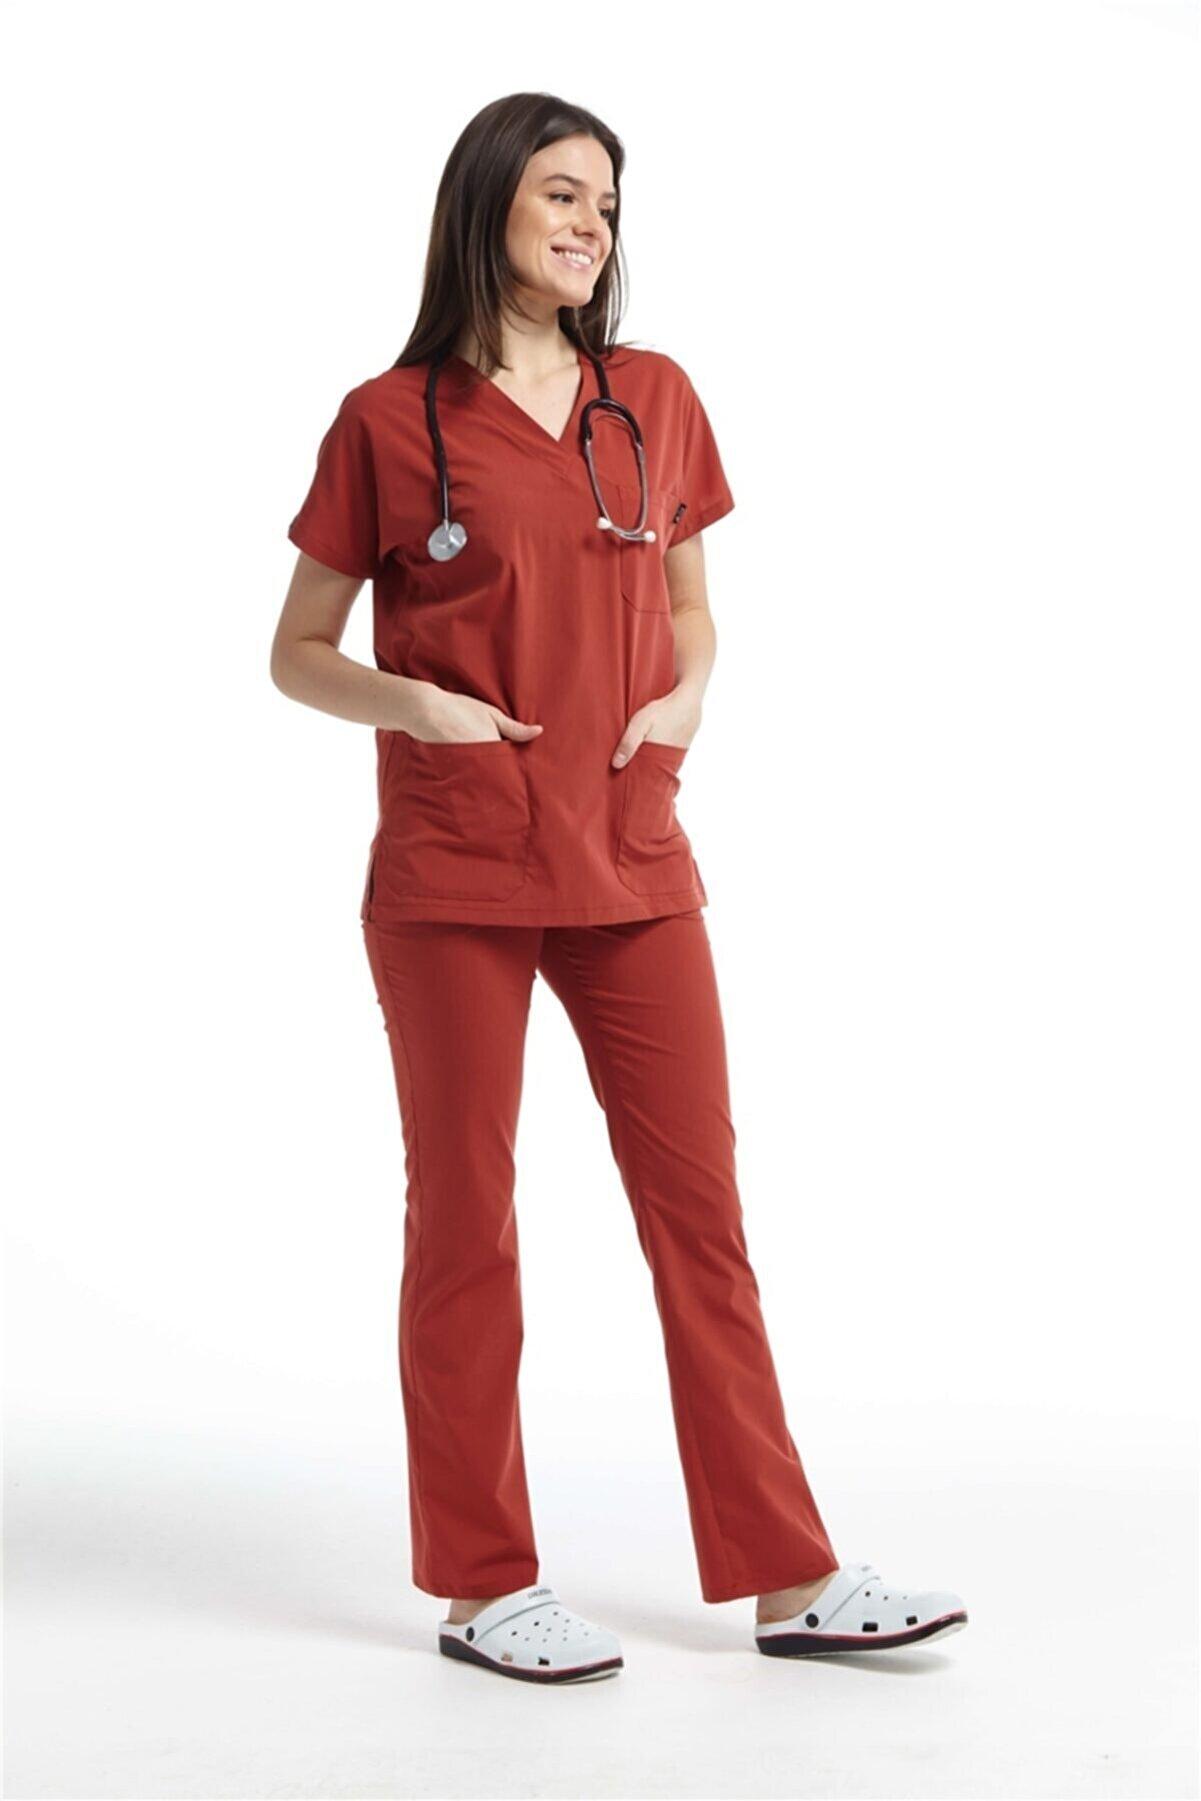 Çatı Medikal Ultralycra Spaniard - Doktor Hemşire Forma Takımı (KADIN), Kiremit